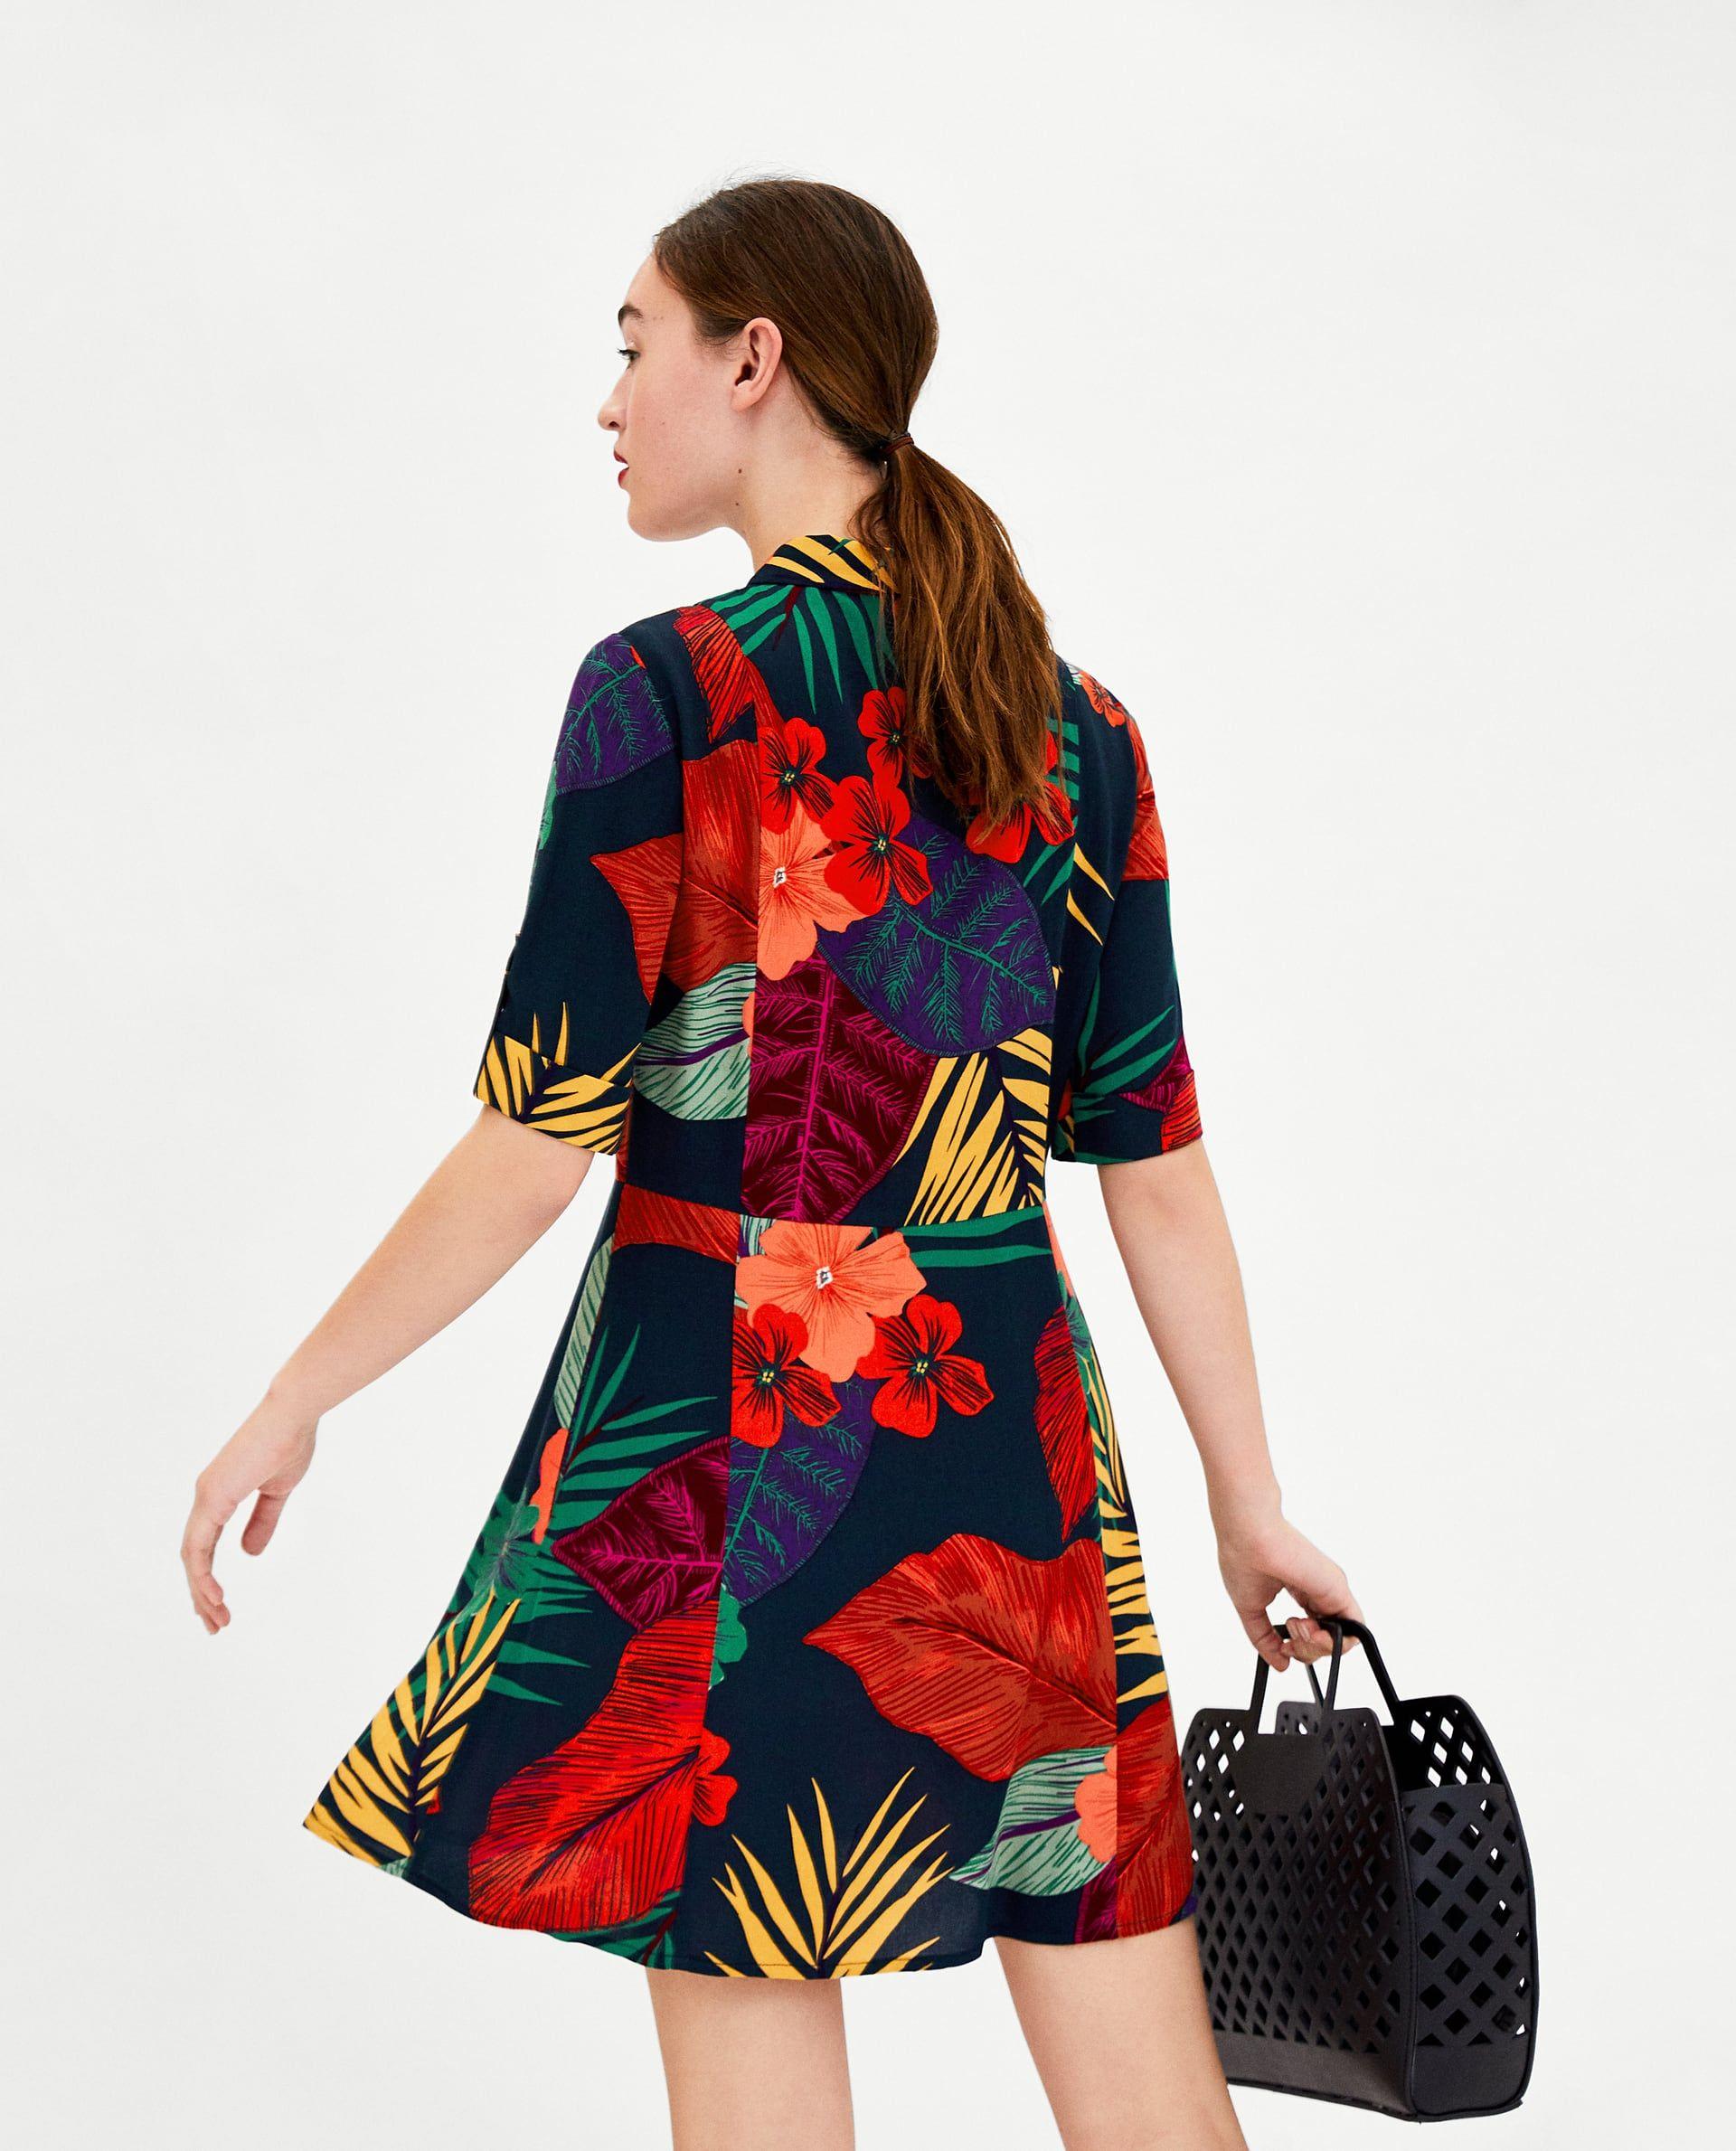 eae9cca174a FLOWER SHIRT DRESS